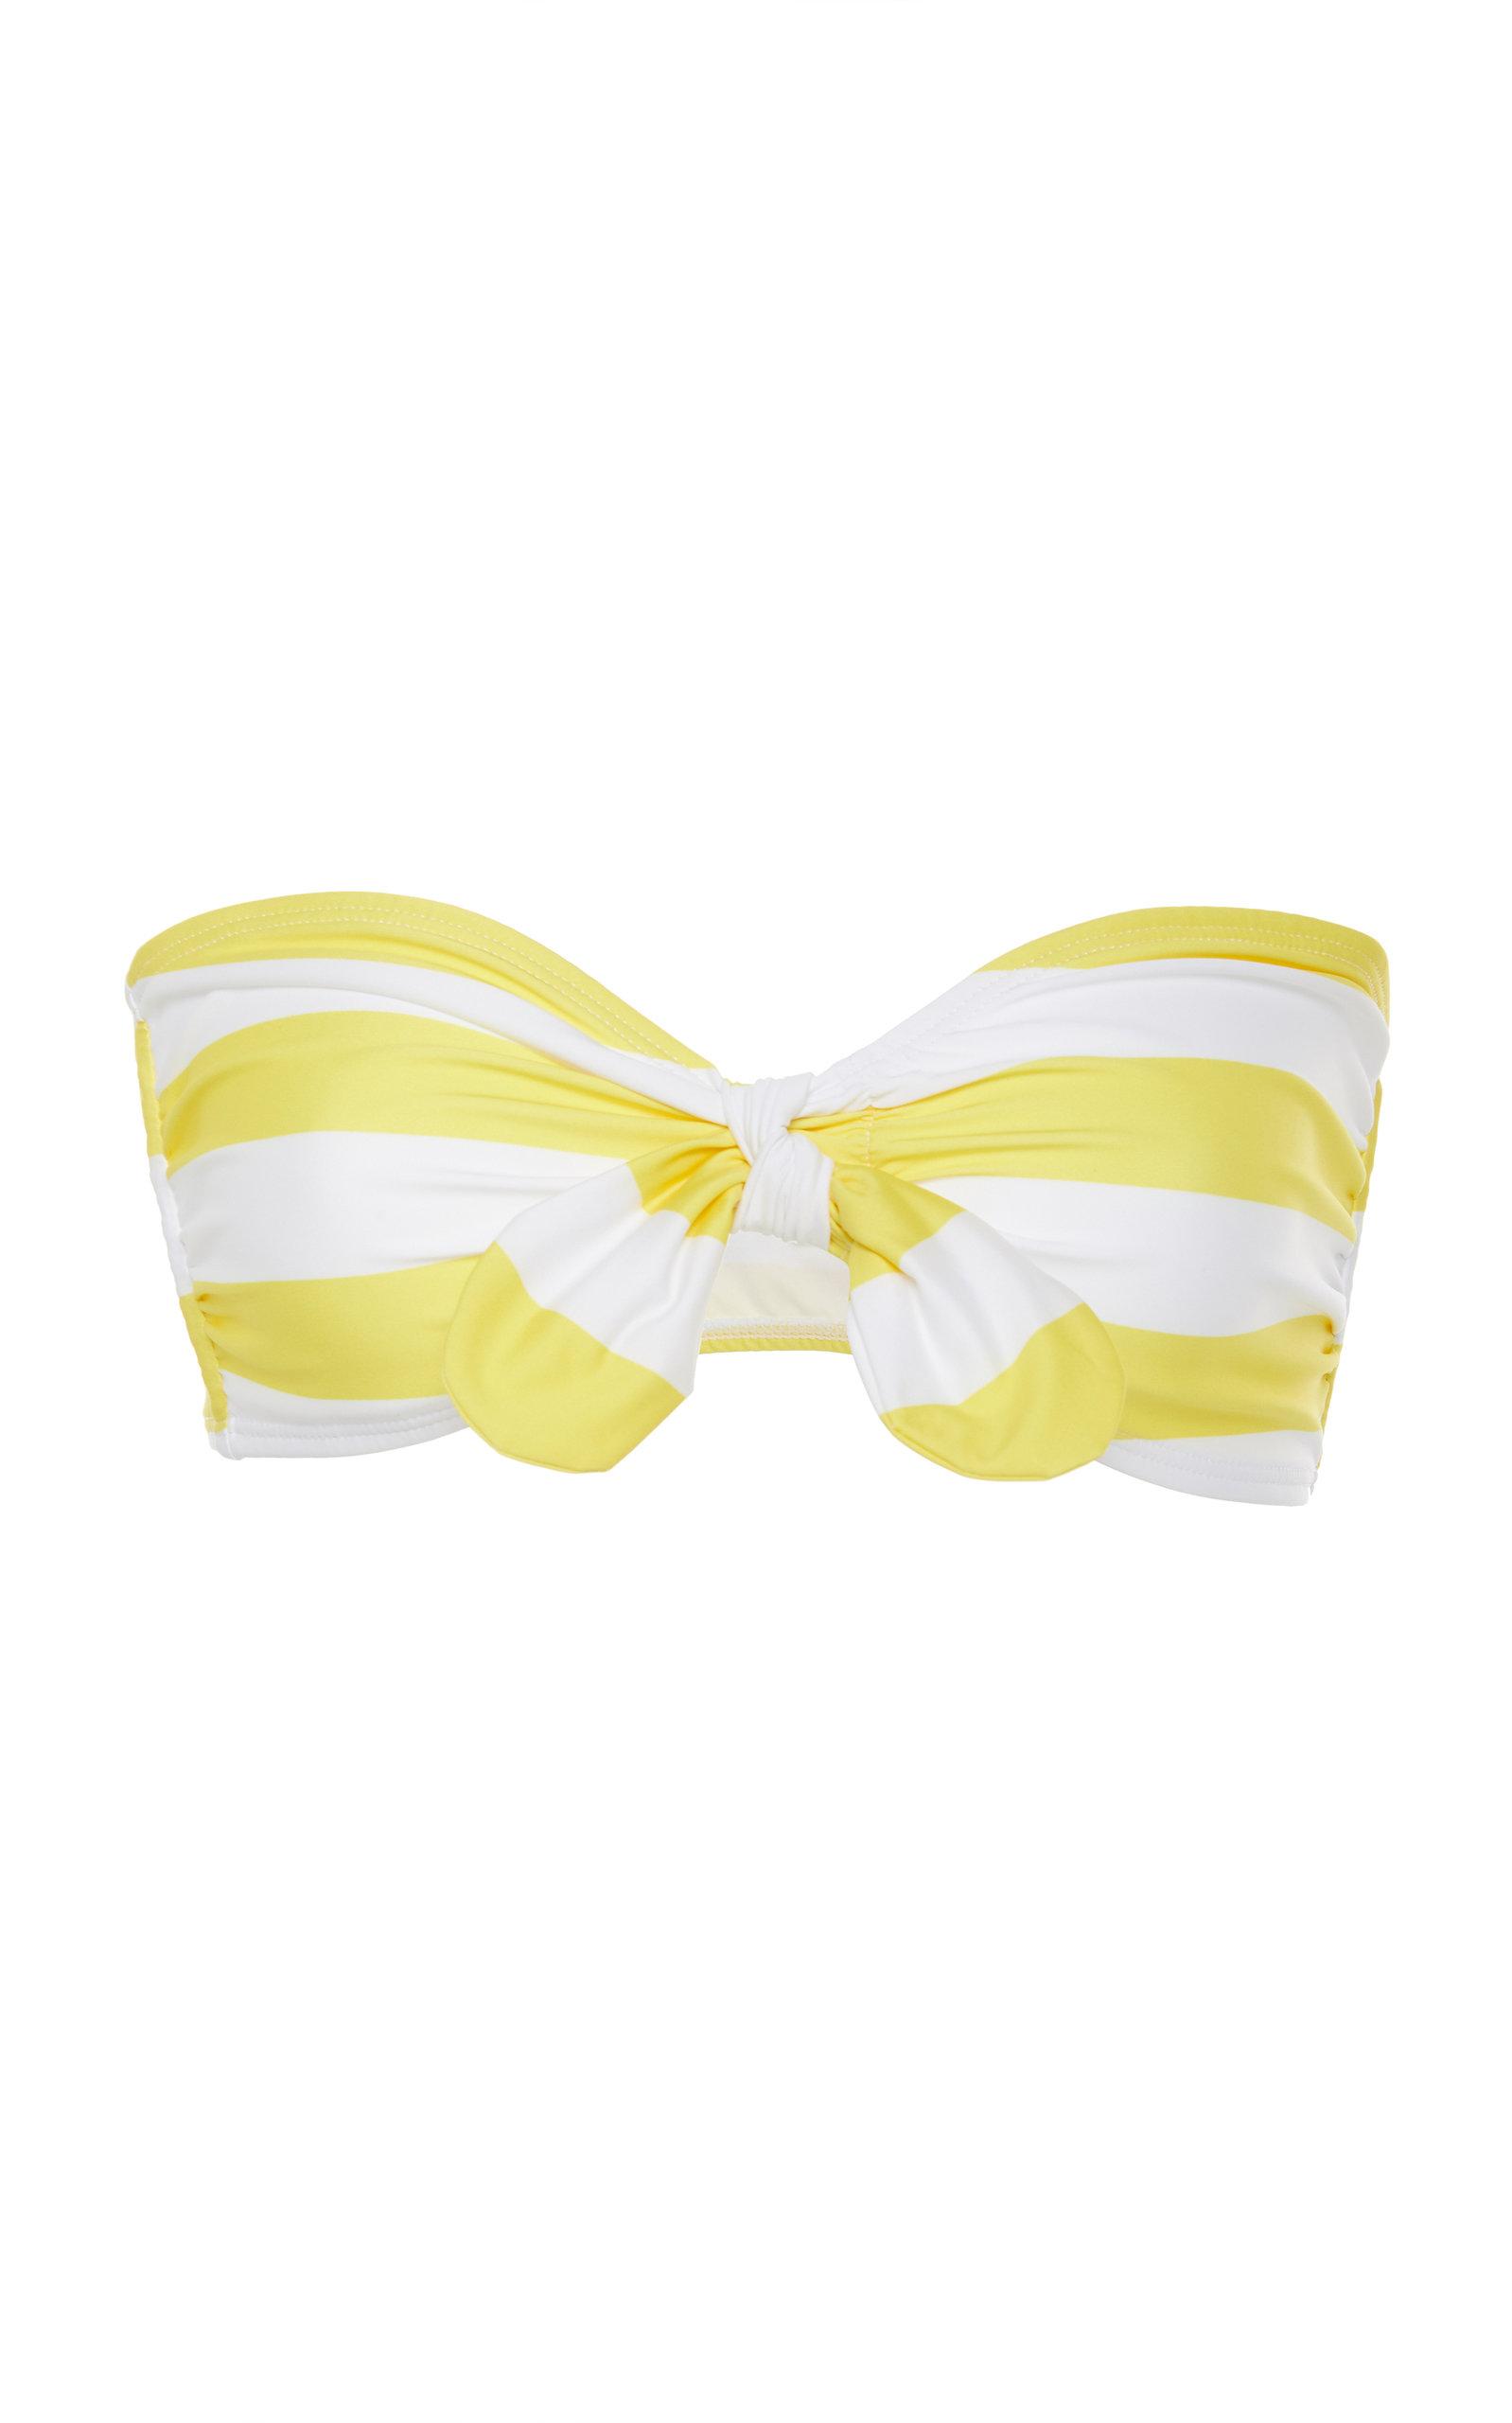 VERDE LIMON Malibu Bandeau Bikini Top in Yellow